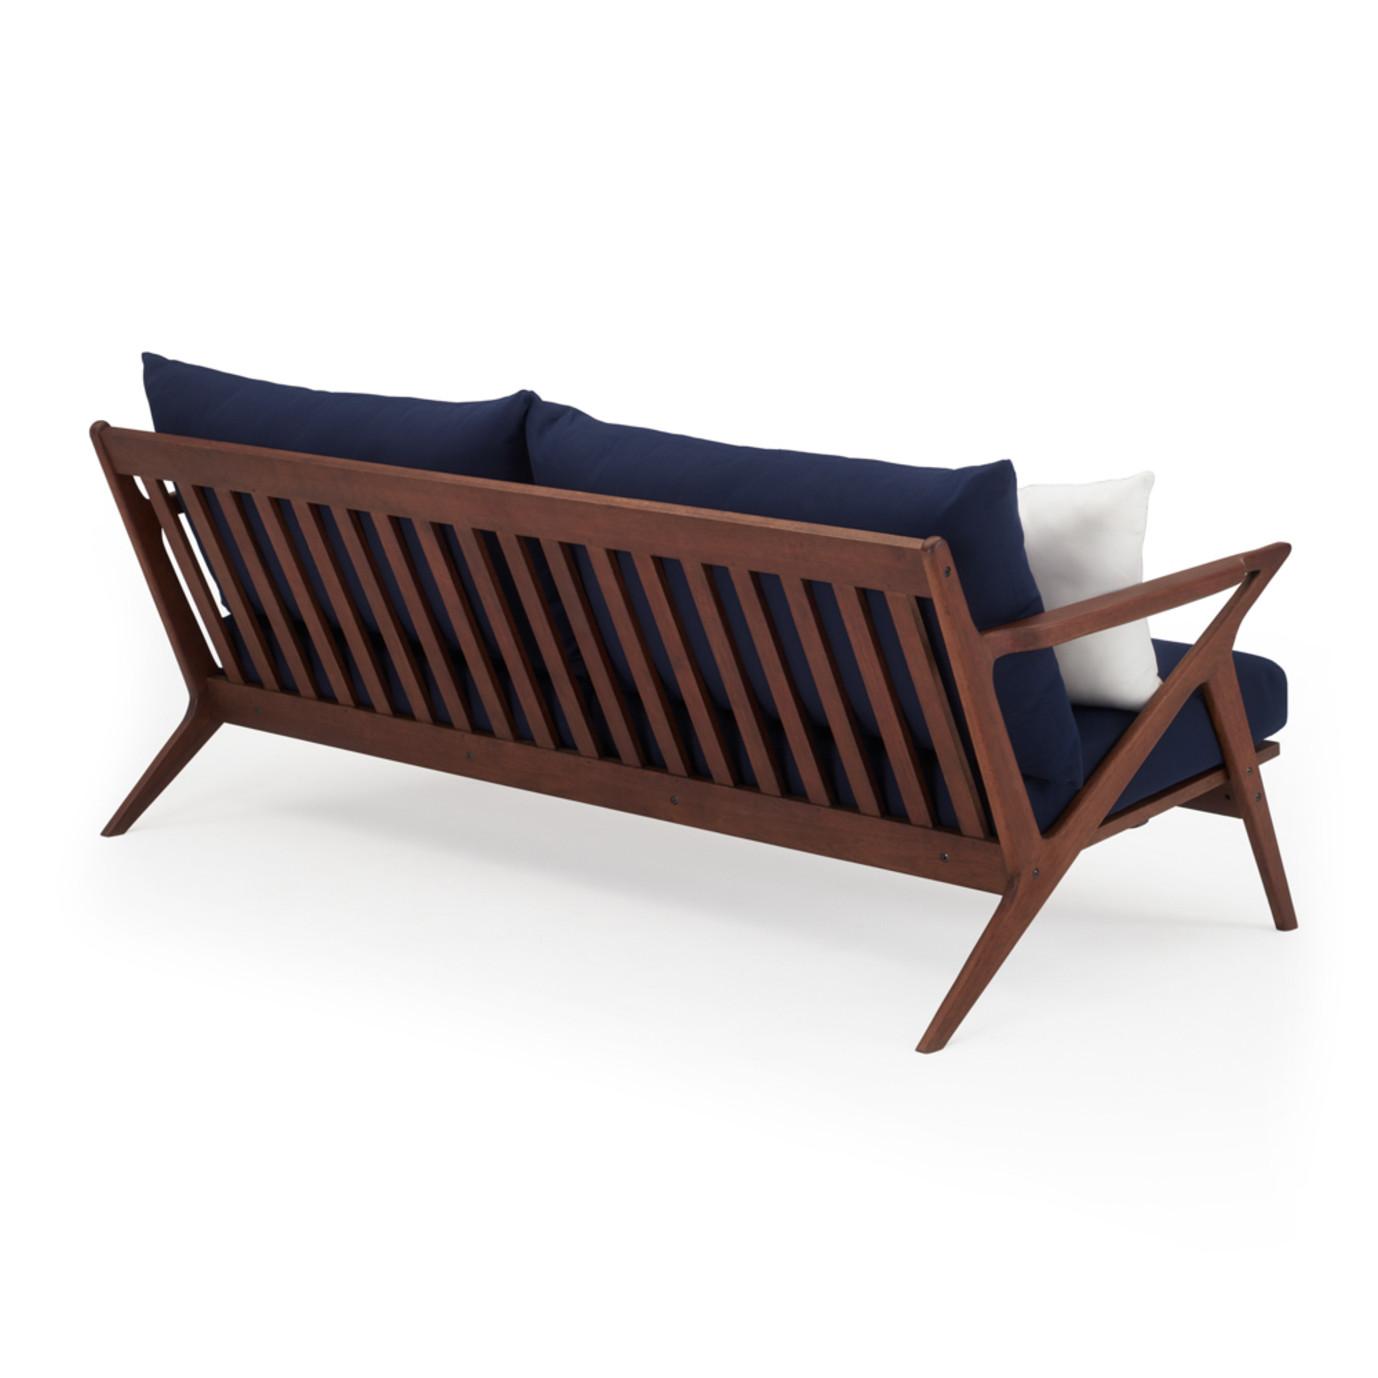 Vaughn 5pc Seating Set - Navy Blue